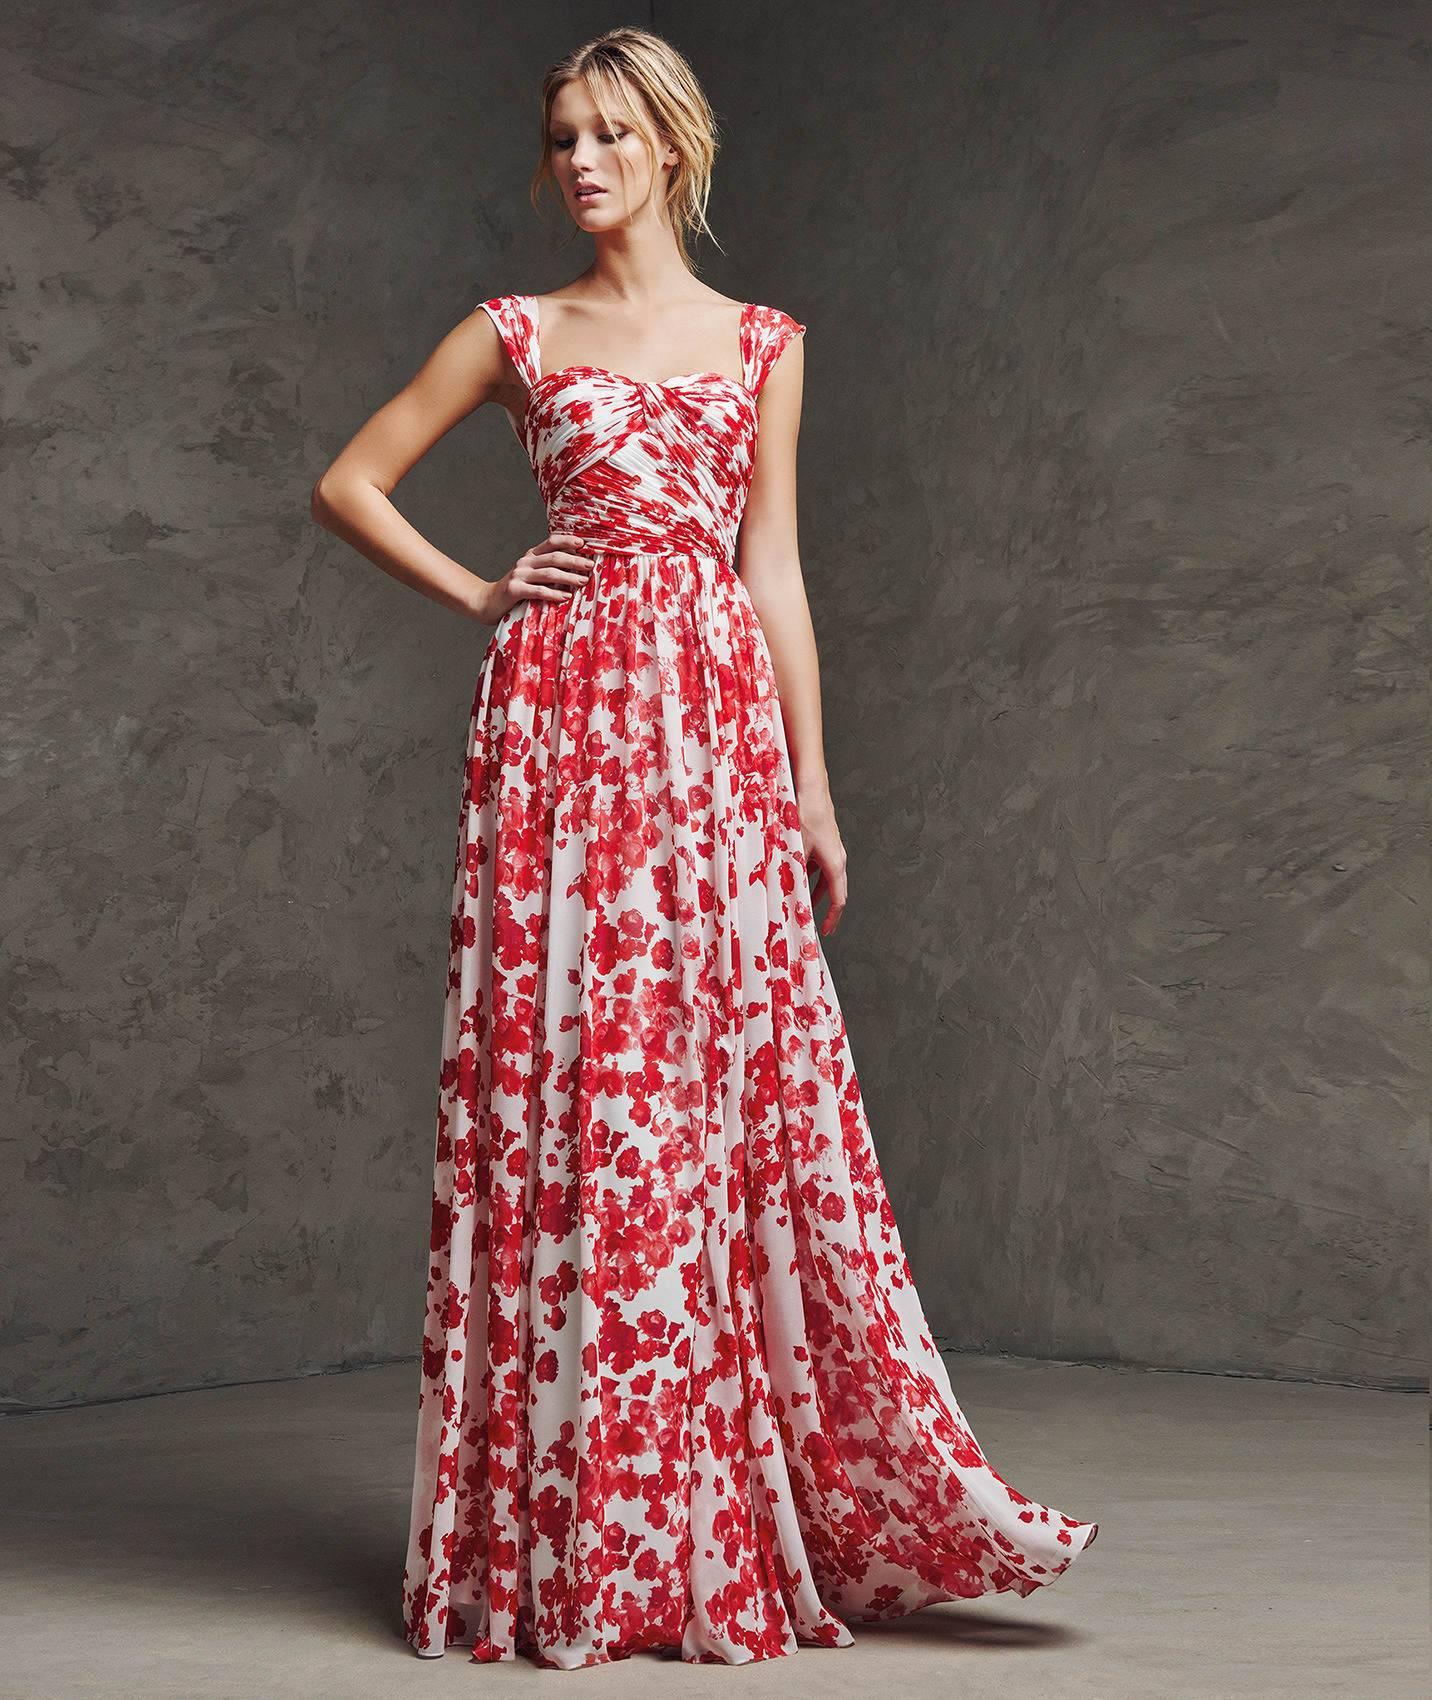 Colección de Vestidos de Fiesta de Despedida de Fin de Año 2015 ...